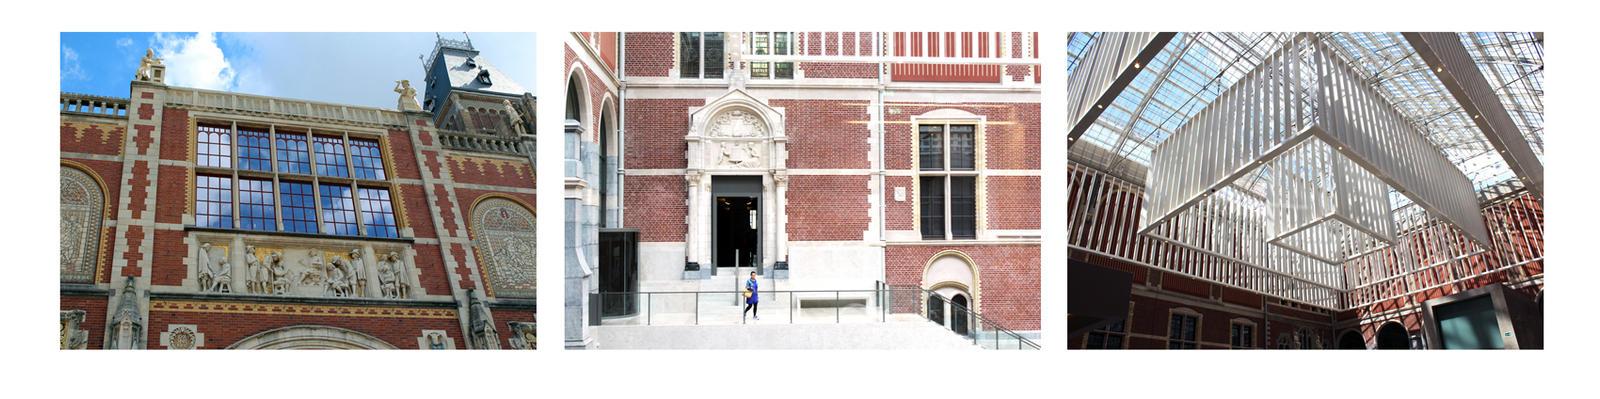 Rijksmuseum (three in three) by peevee01